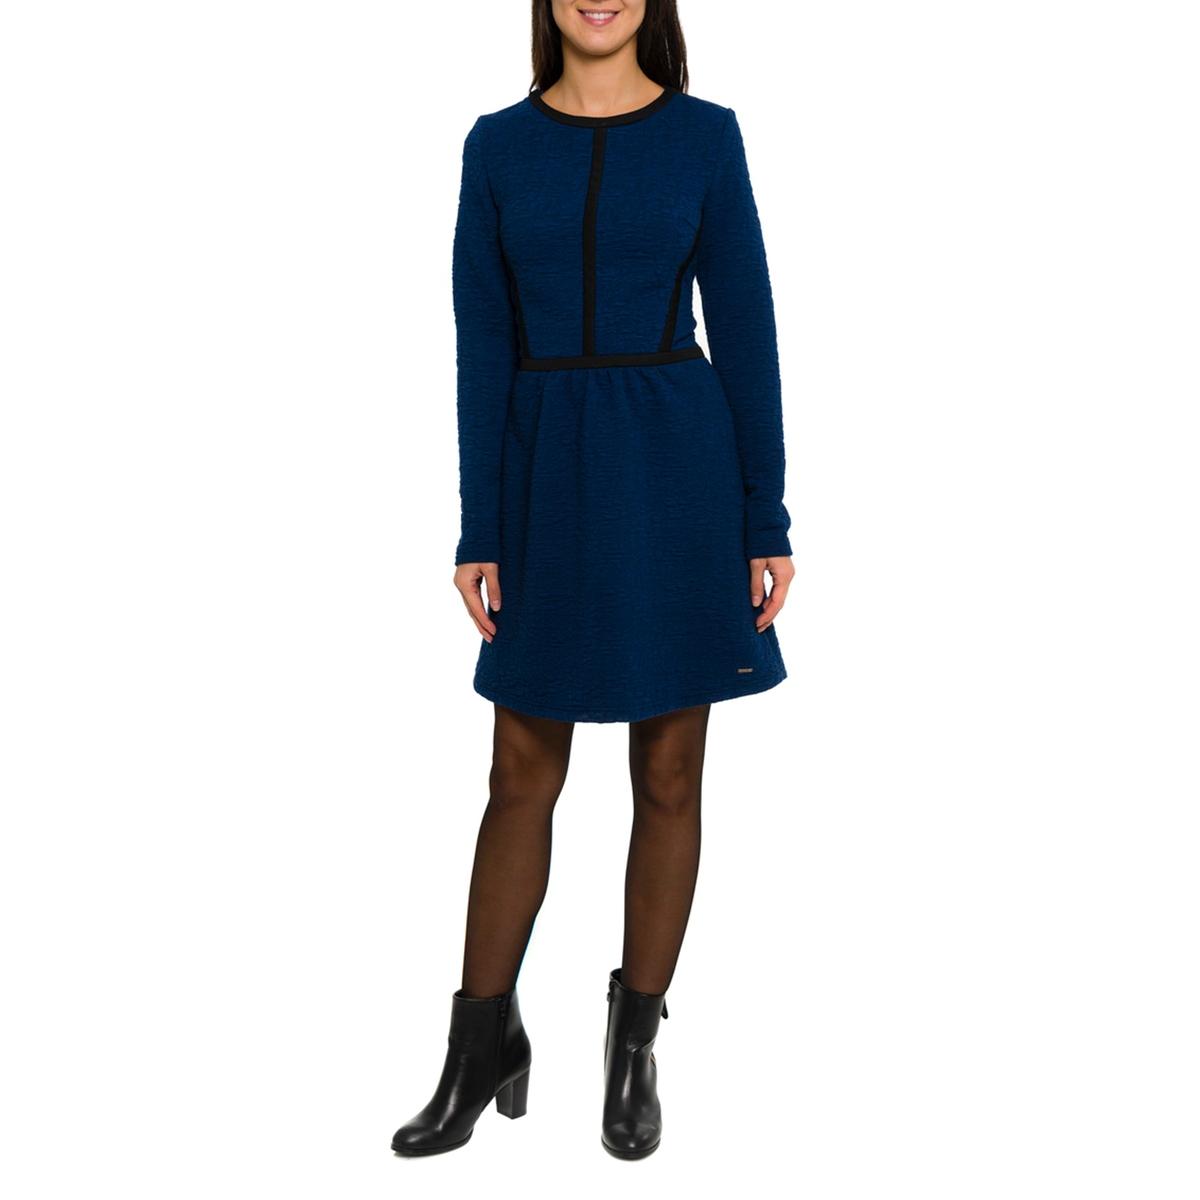 Платье с рисунком и длинными рукавамиСостав и описание:Материал: 100% вискозы.     Марка: PARAMITA.<br><br>Цвет: темно-синий<br>Размер: M.S